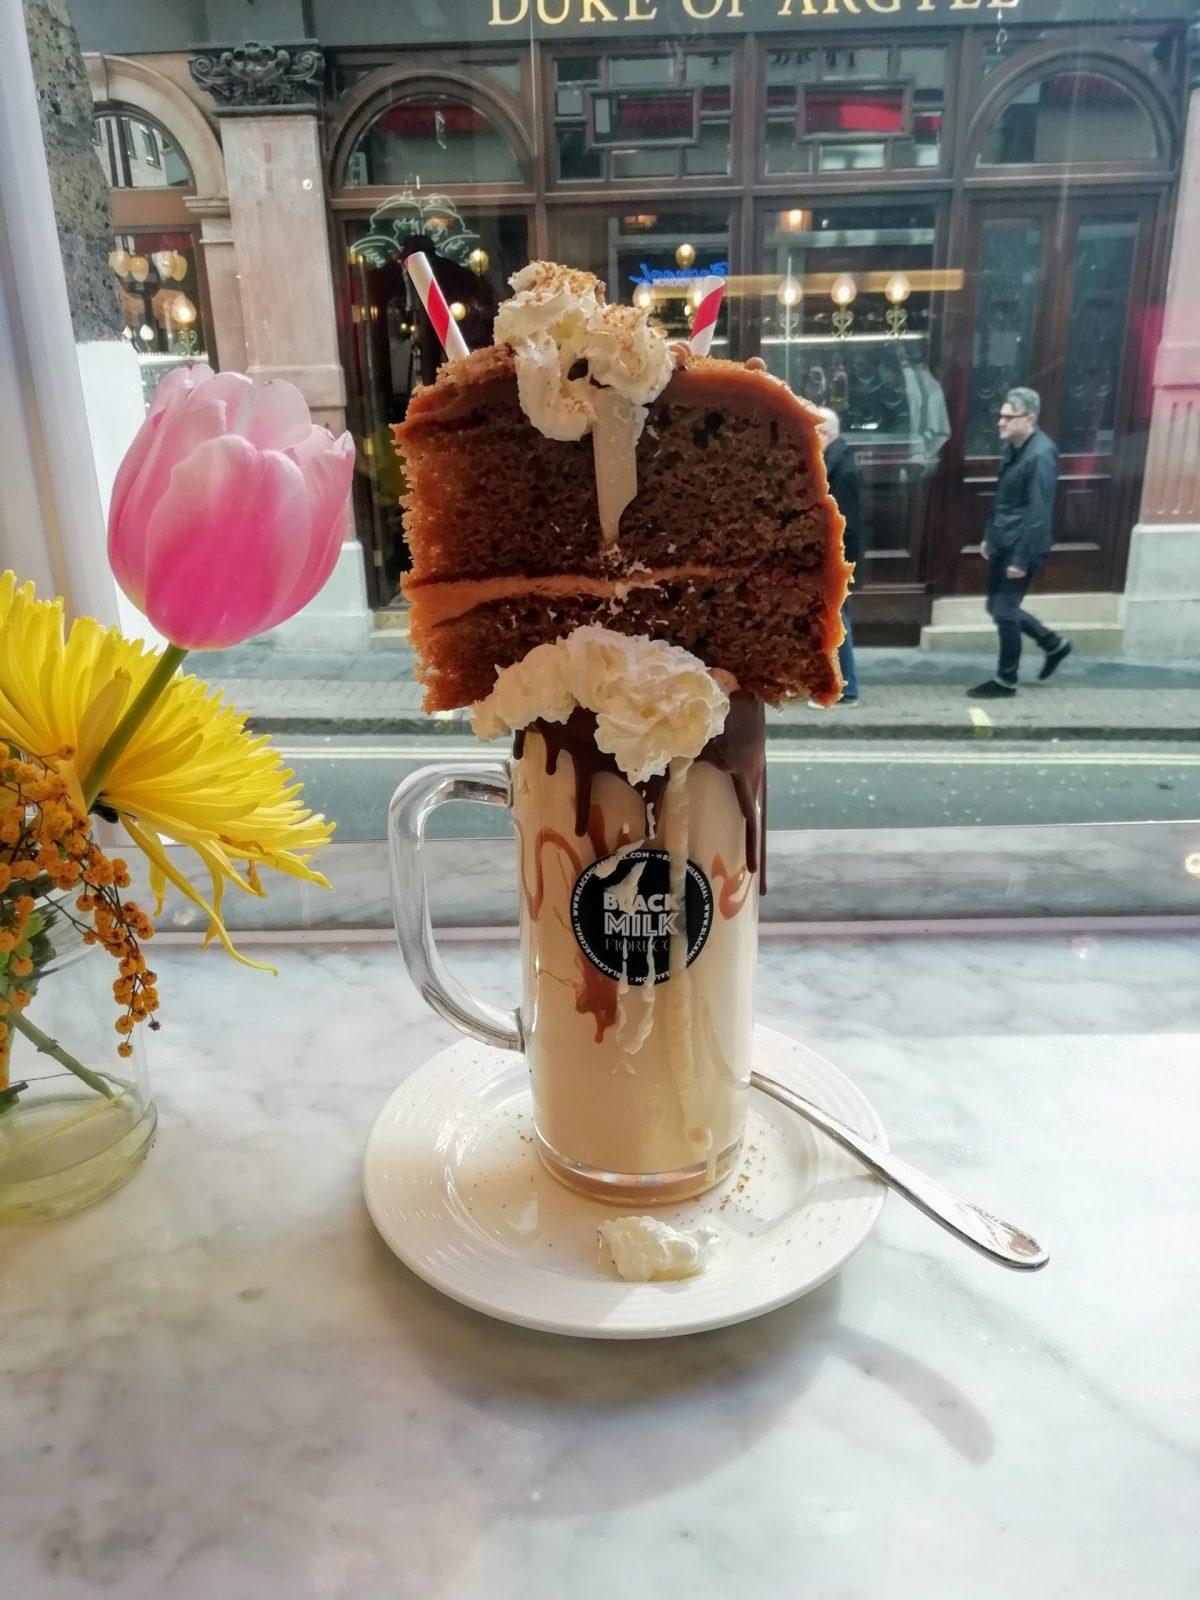 Best milkshakes in London, Black and Milk